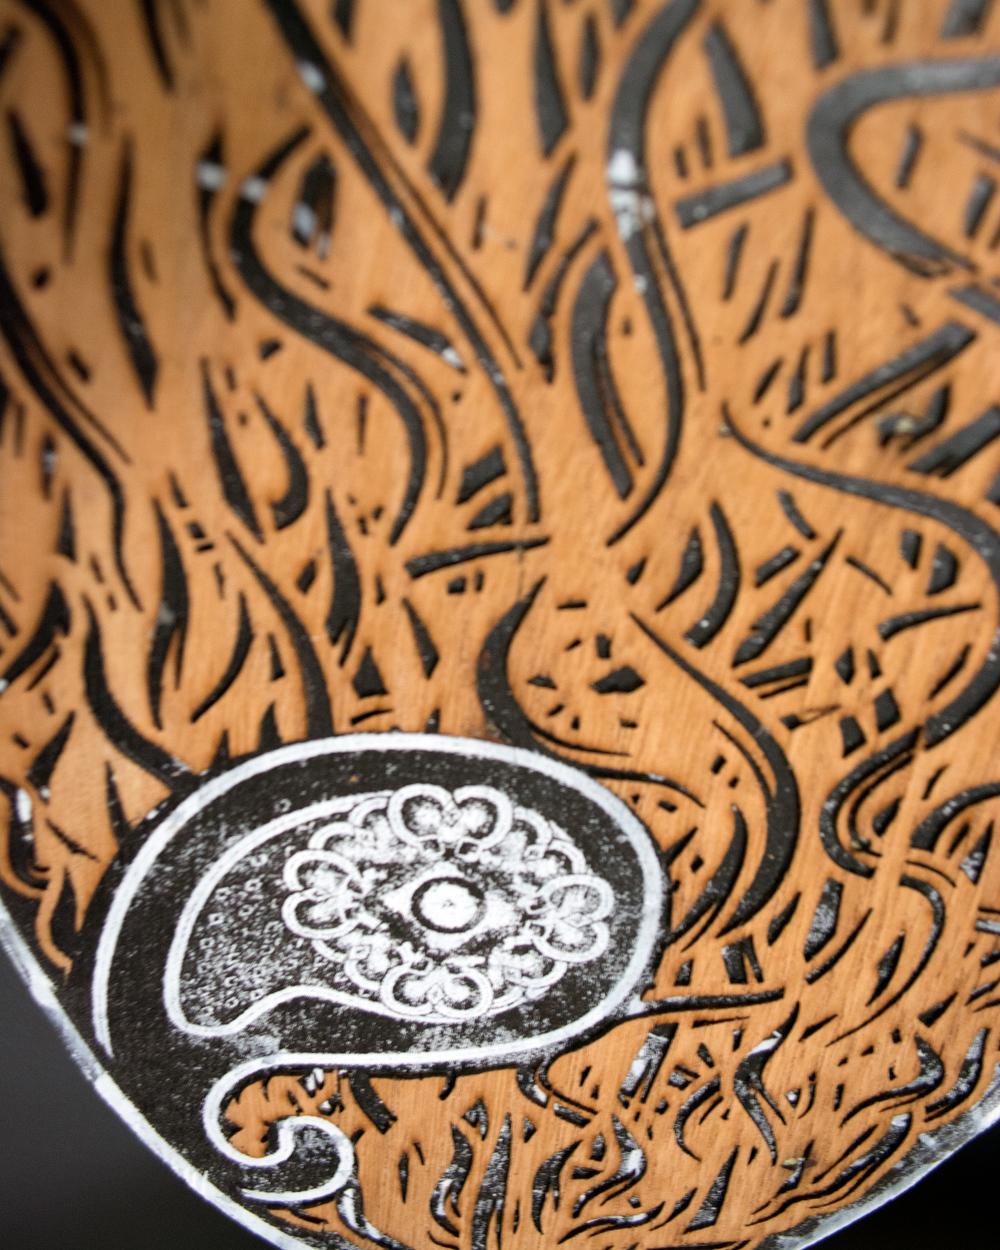 vd-foxtailpar-detail5.jpg